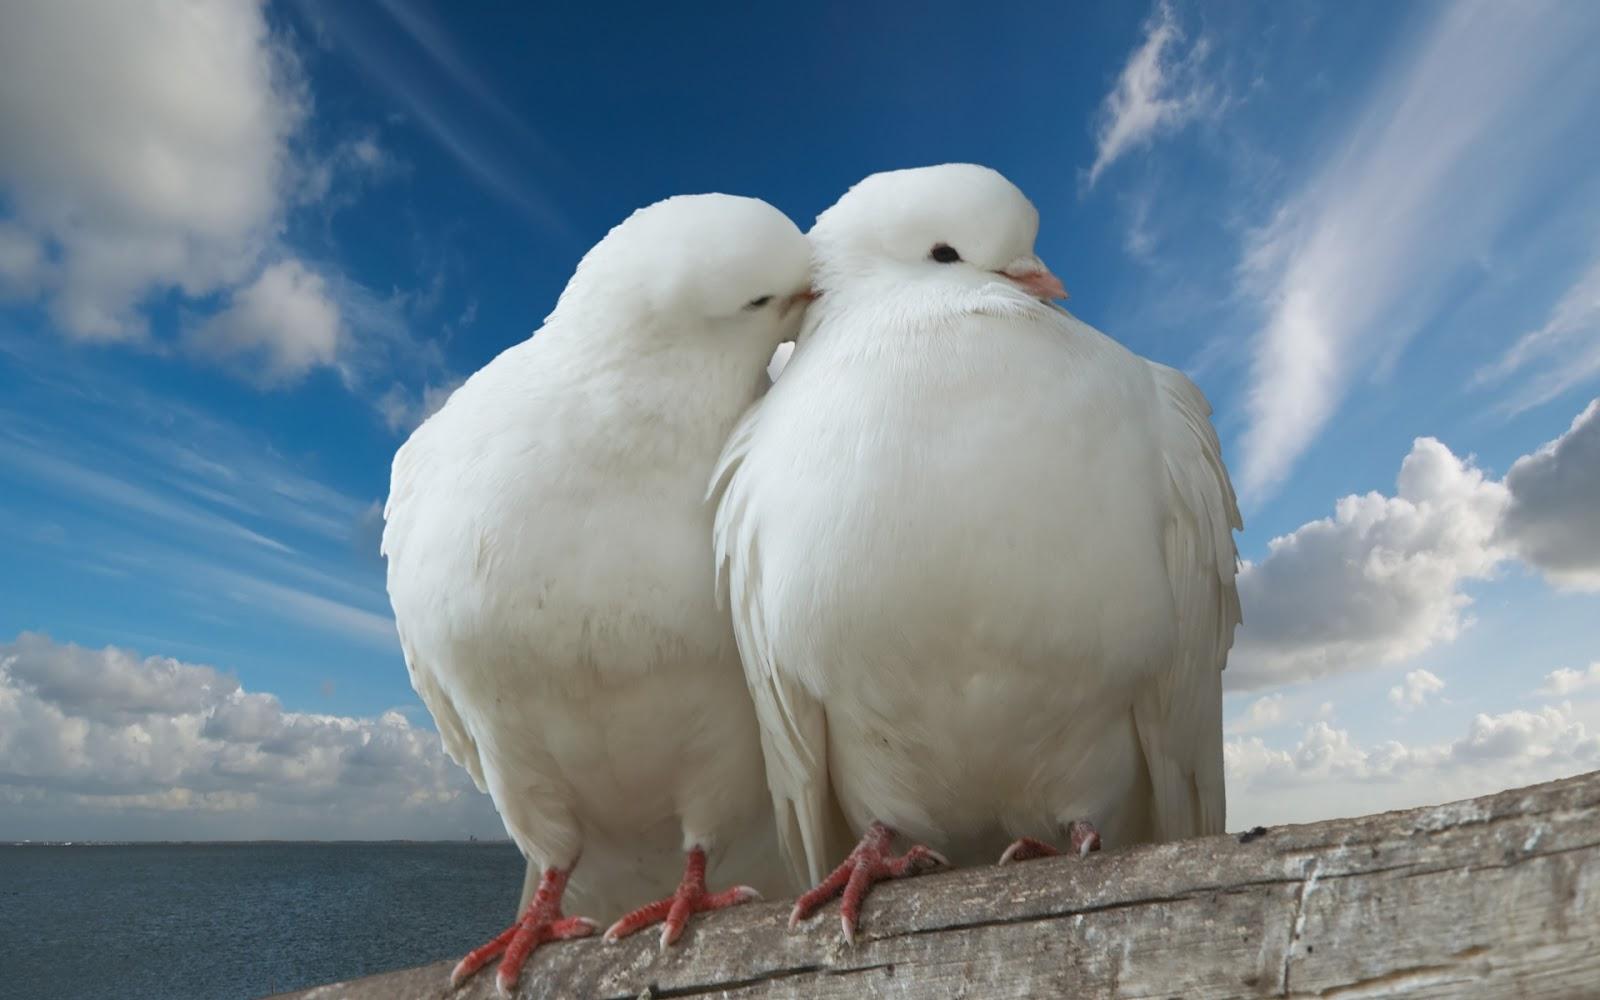 Palomas Blancas - Hermosa Pareja de Palomas Blancas | FOTOBLOG X